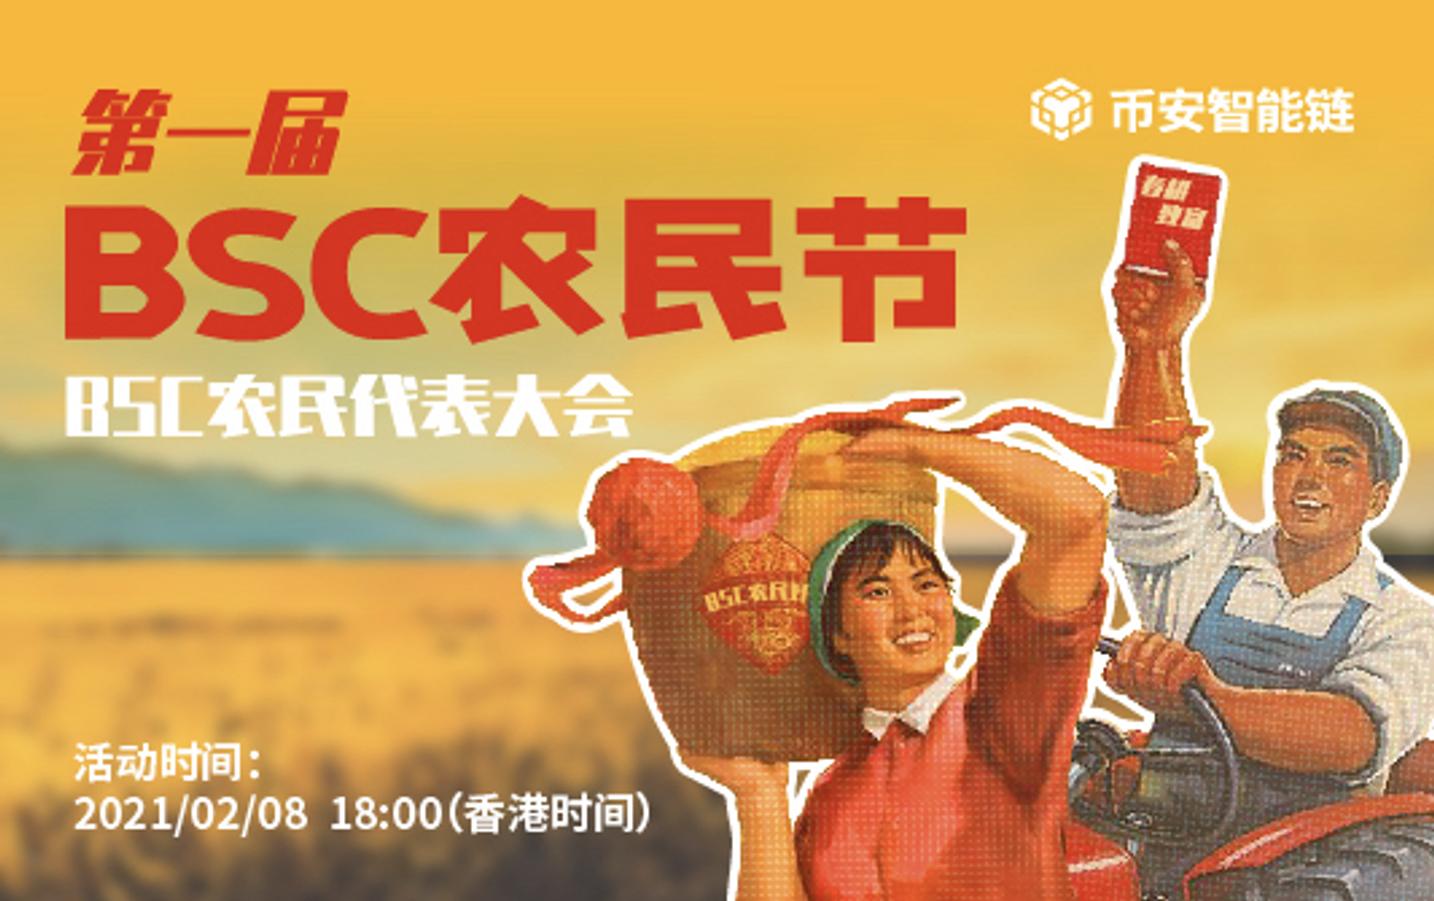 第一届币安智能链(BSC)农民节,巨鲸富农们说了什么?